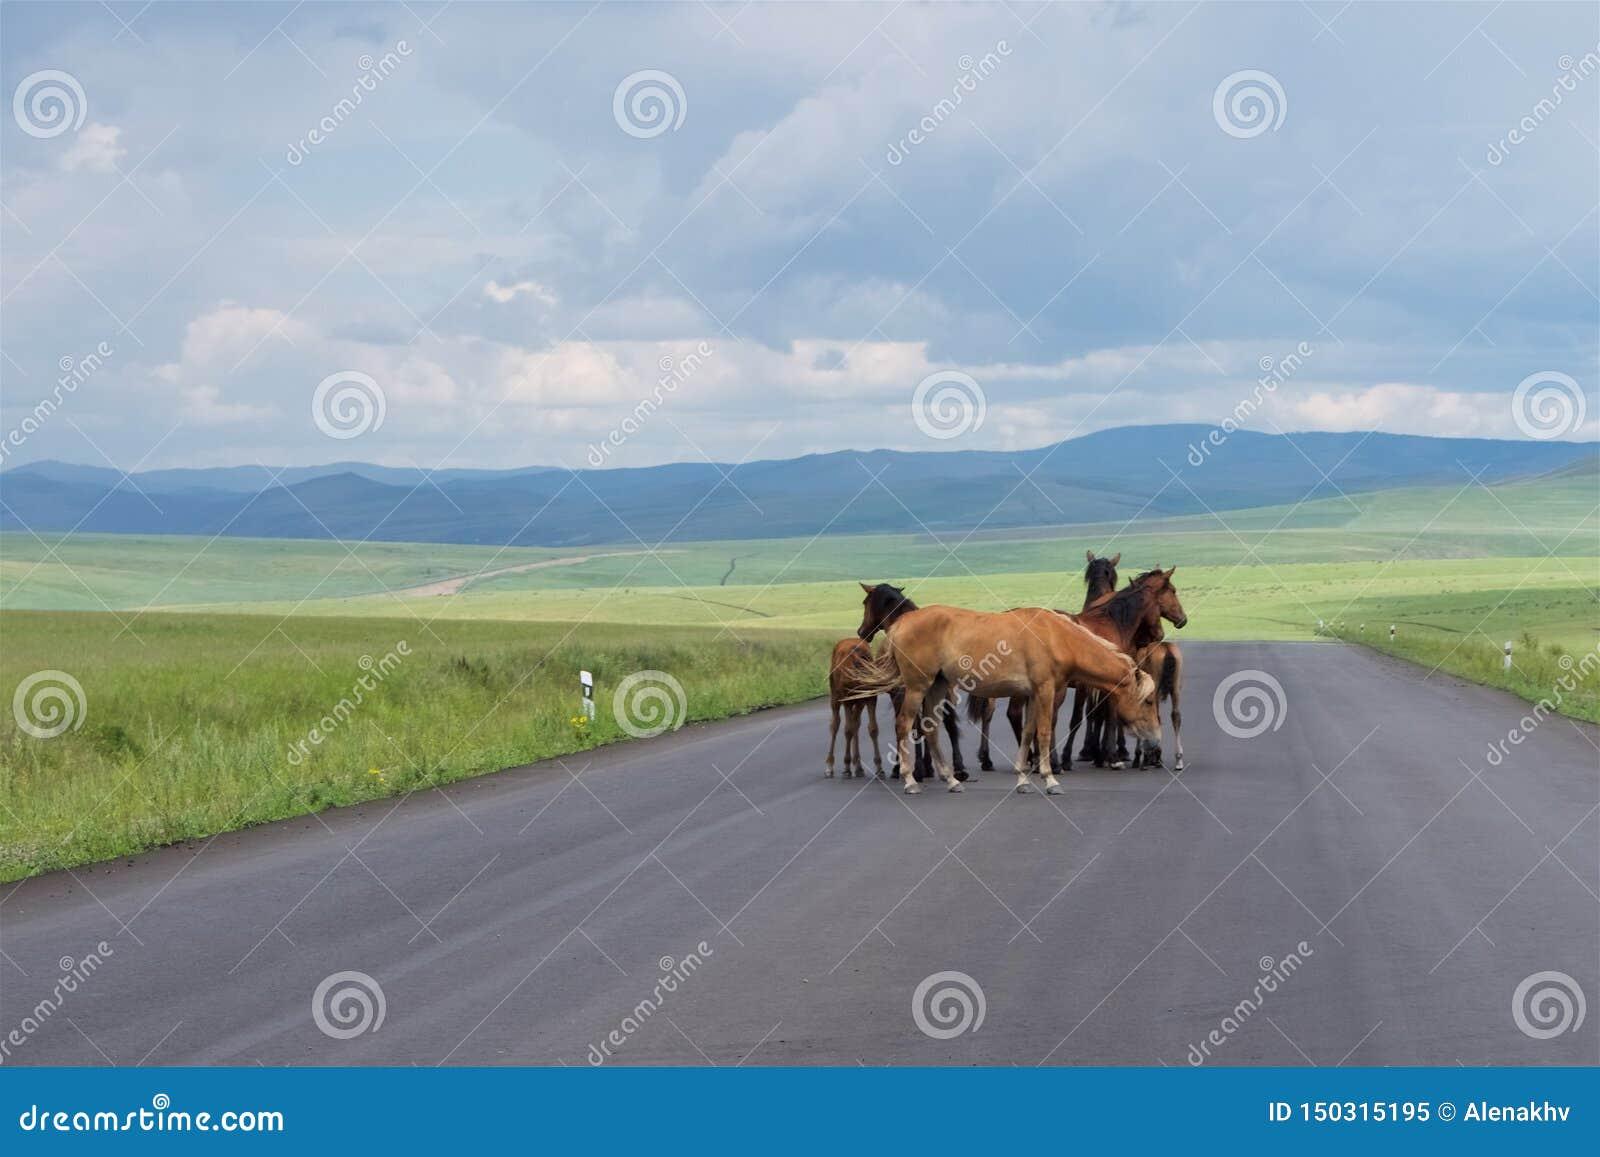 Un troupeau de chevaux se tient sur une route goudronnée